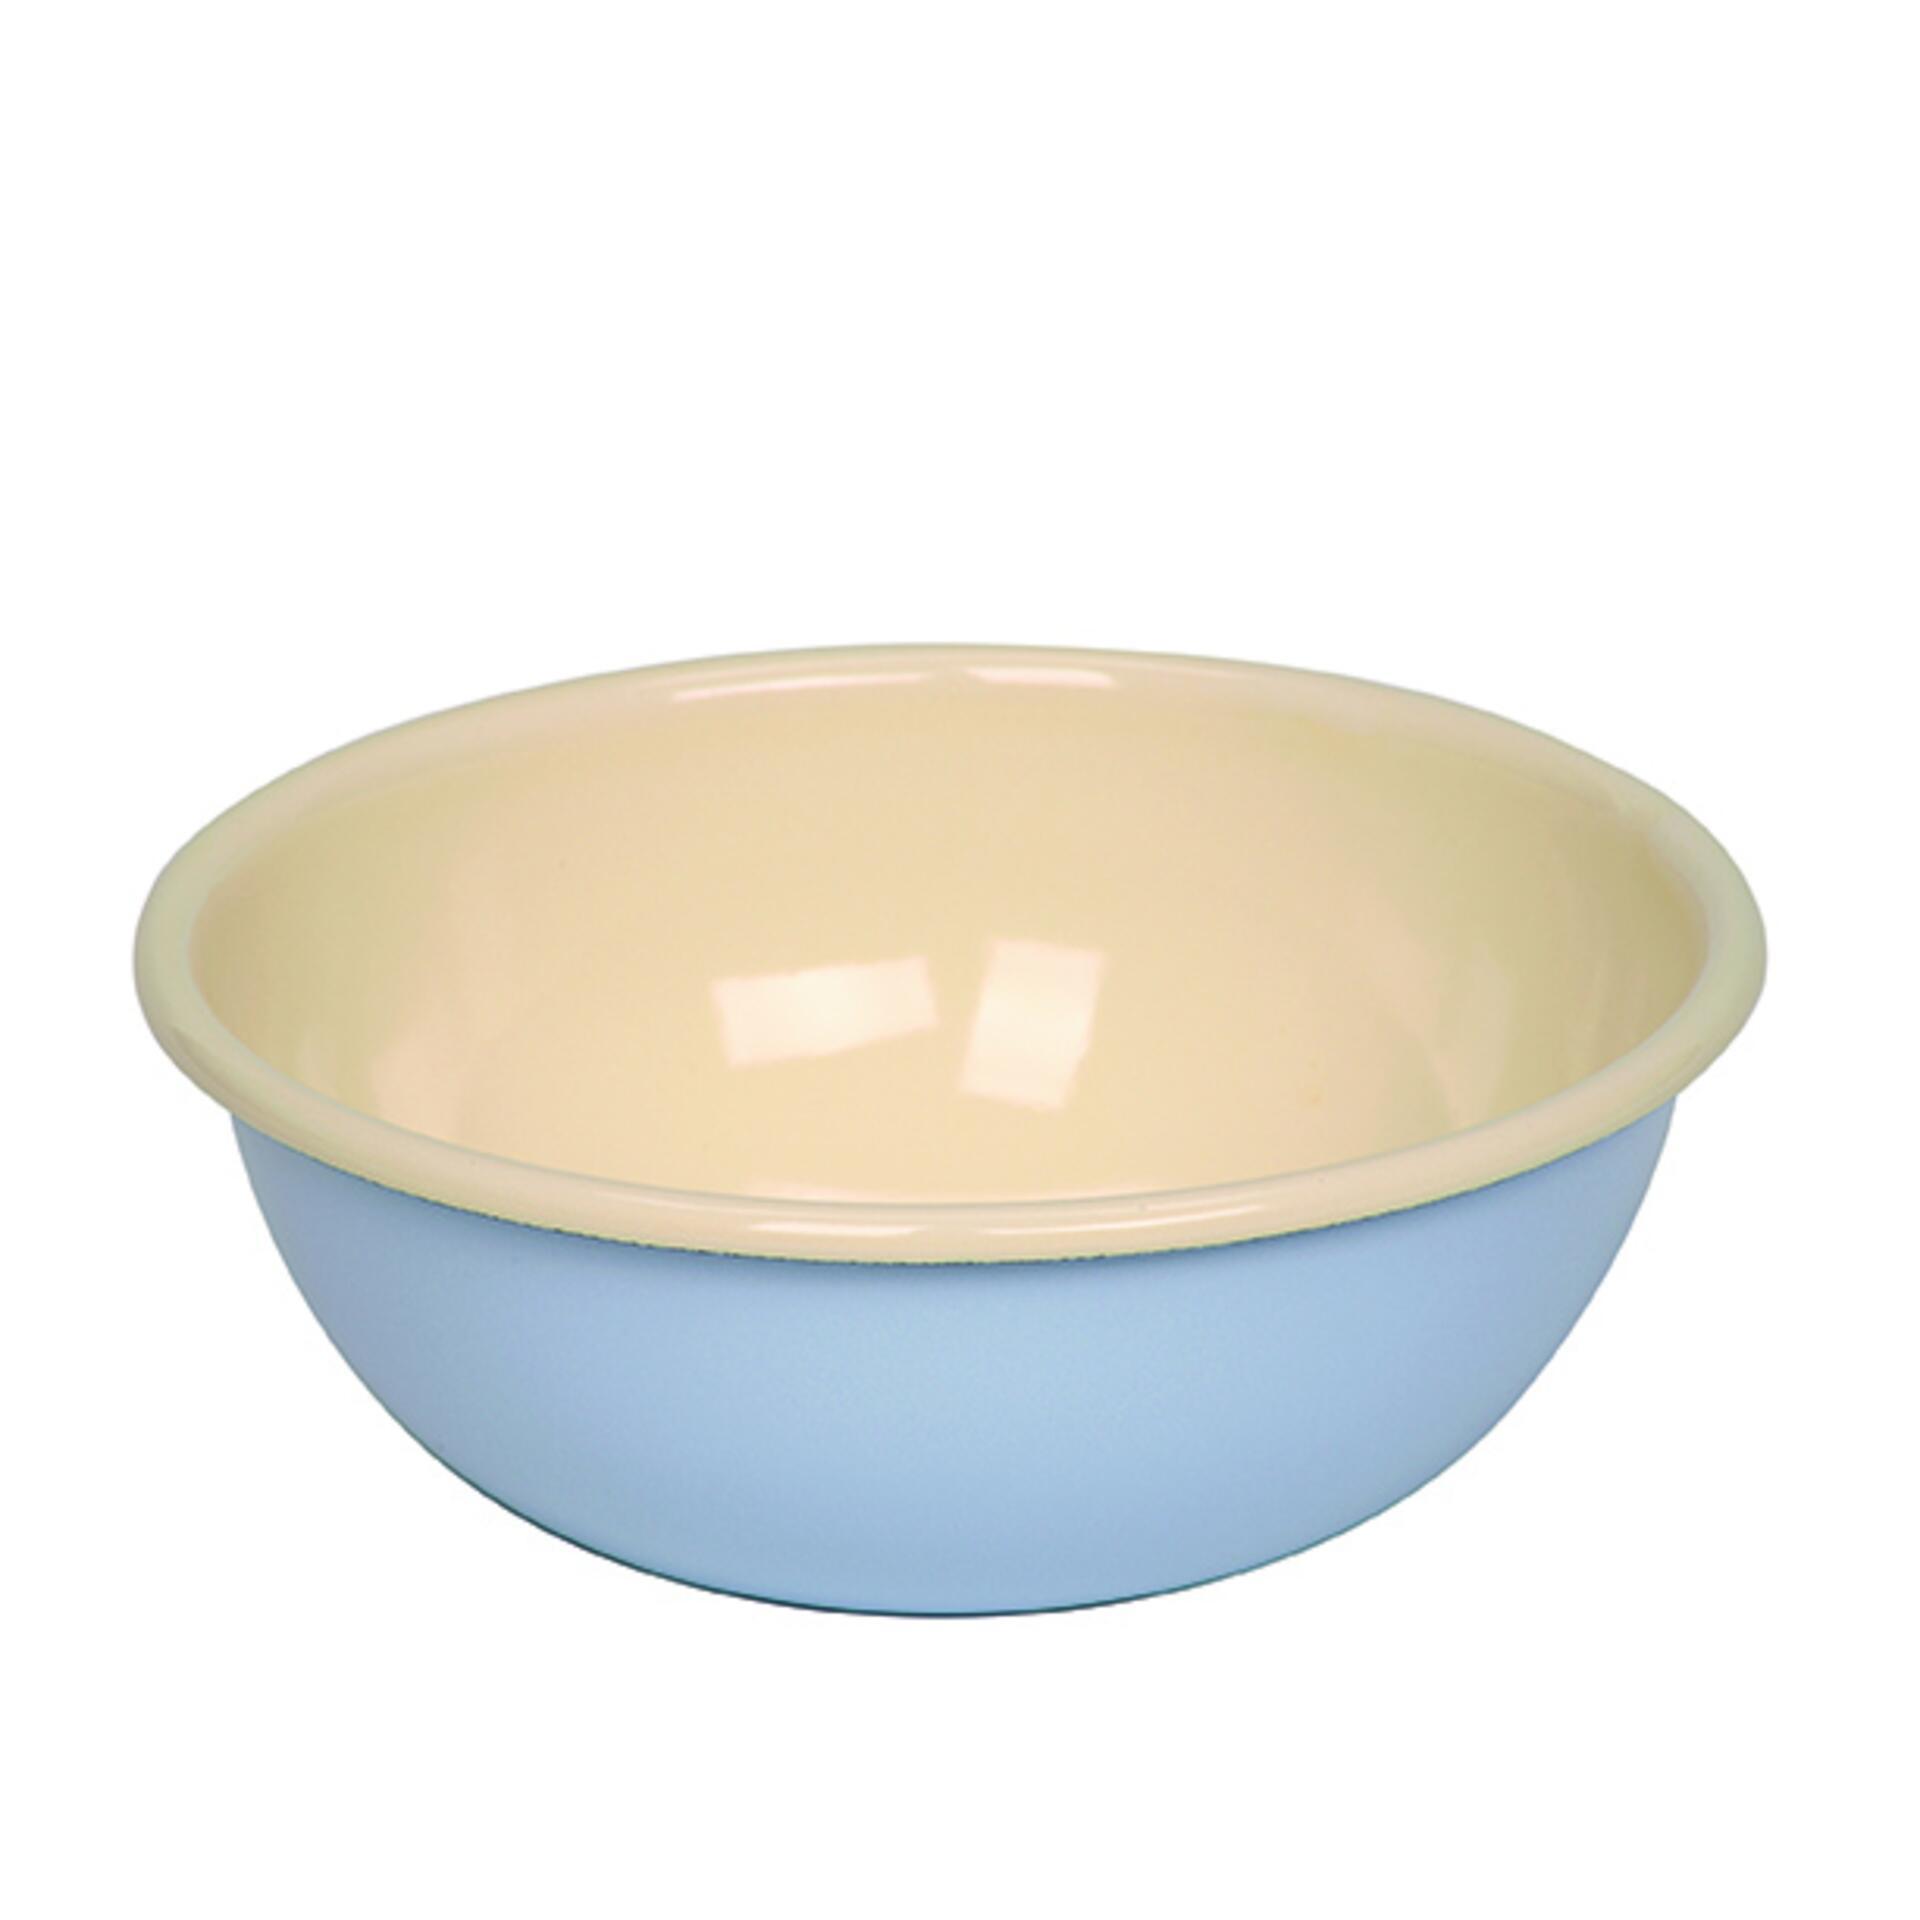 Riess Obst- und Salatschüssel 30 cm Blau